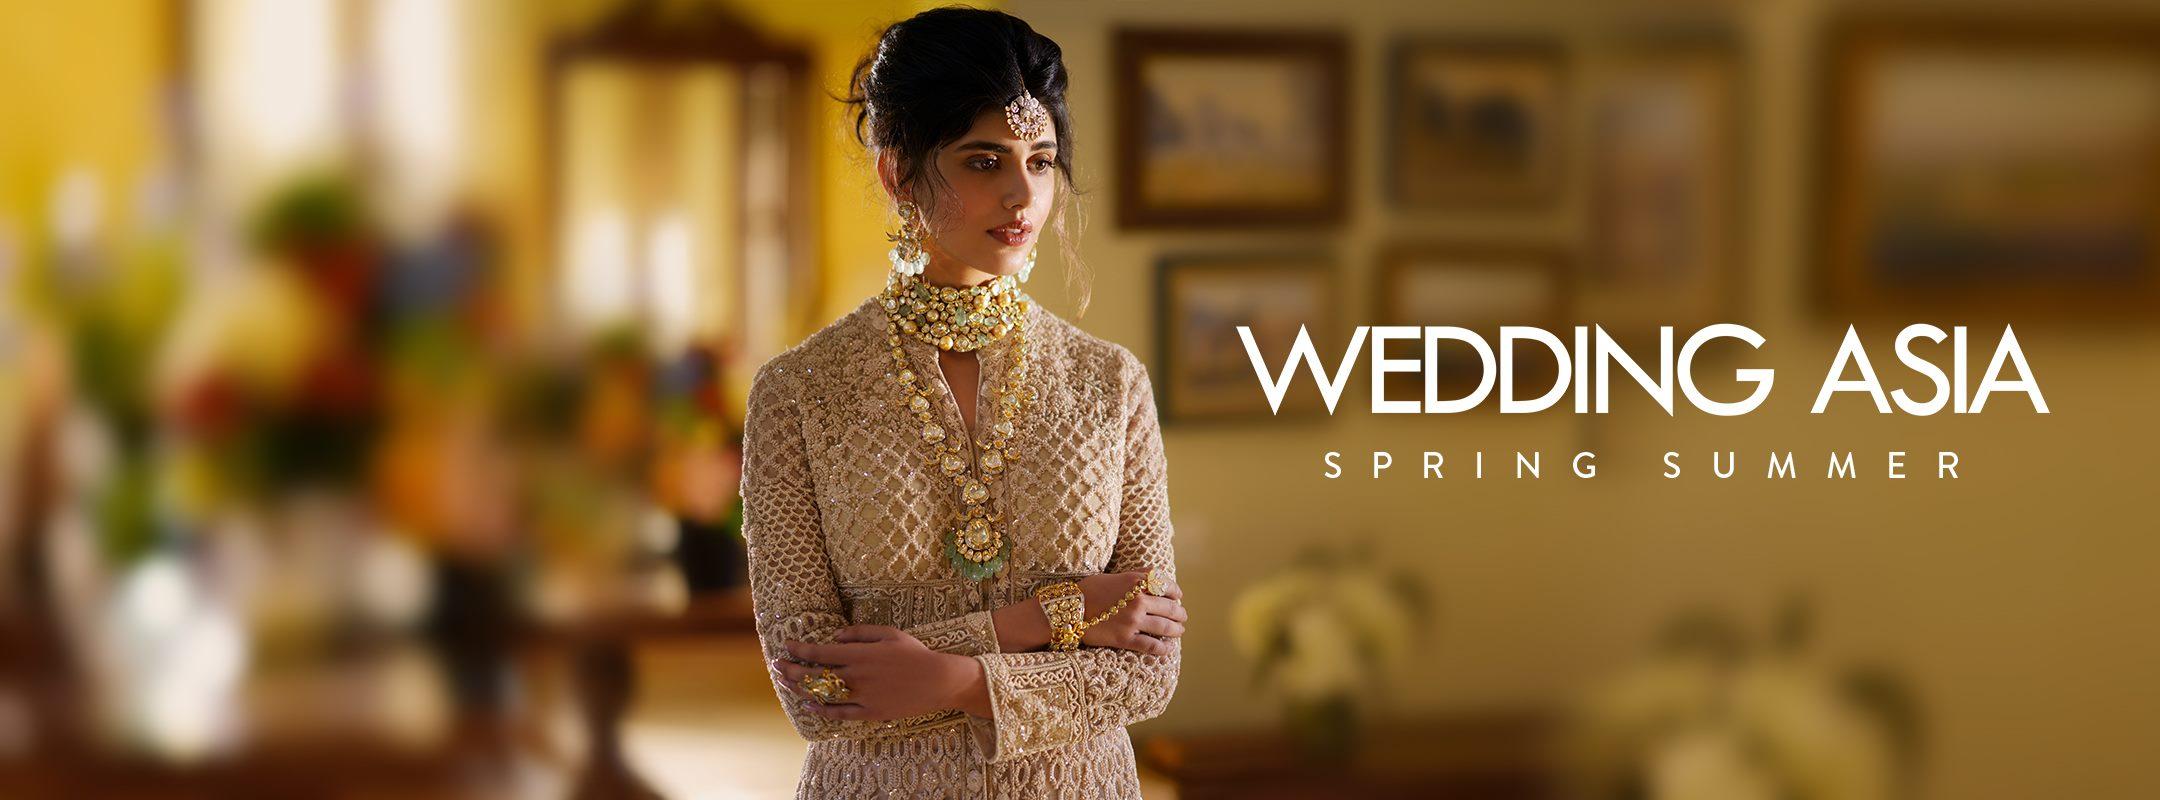 Wedding Asia